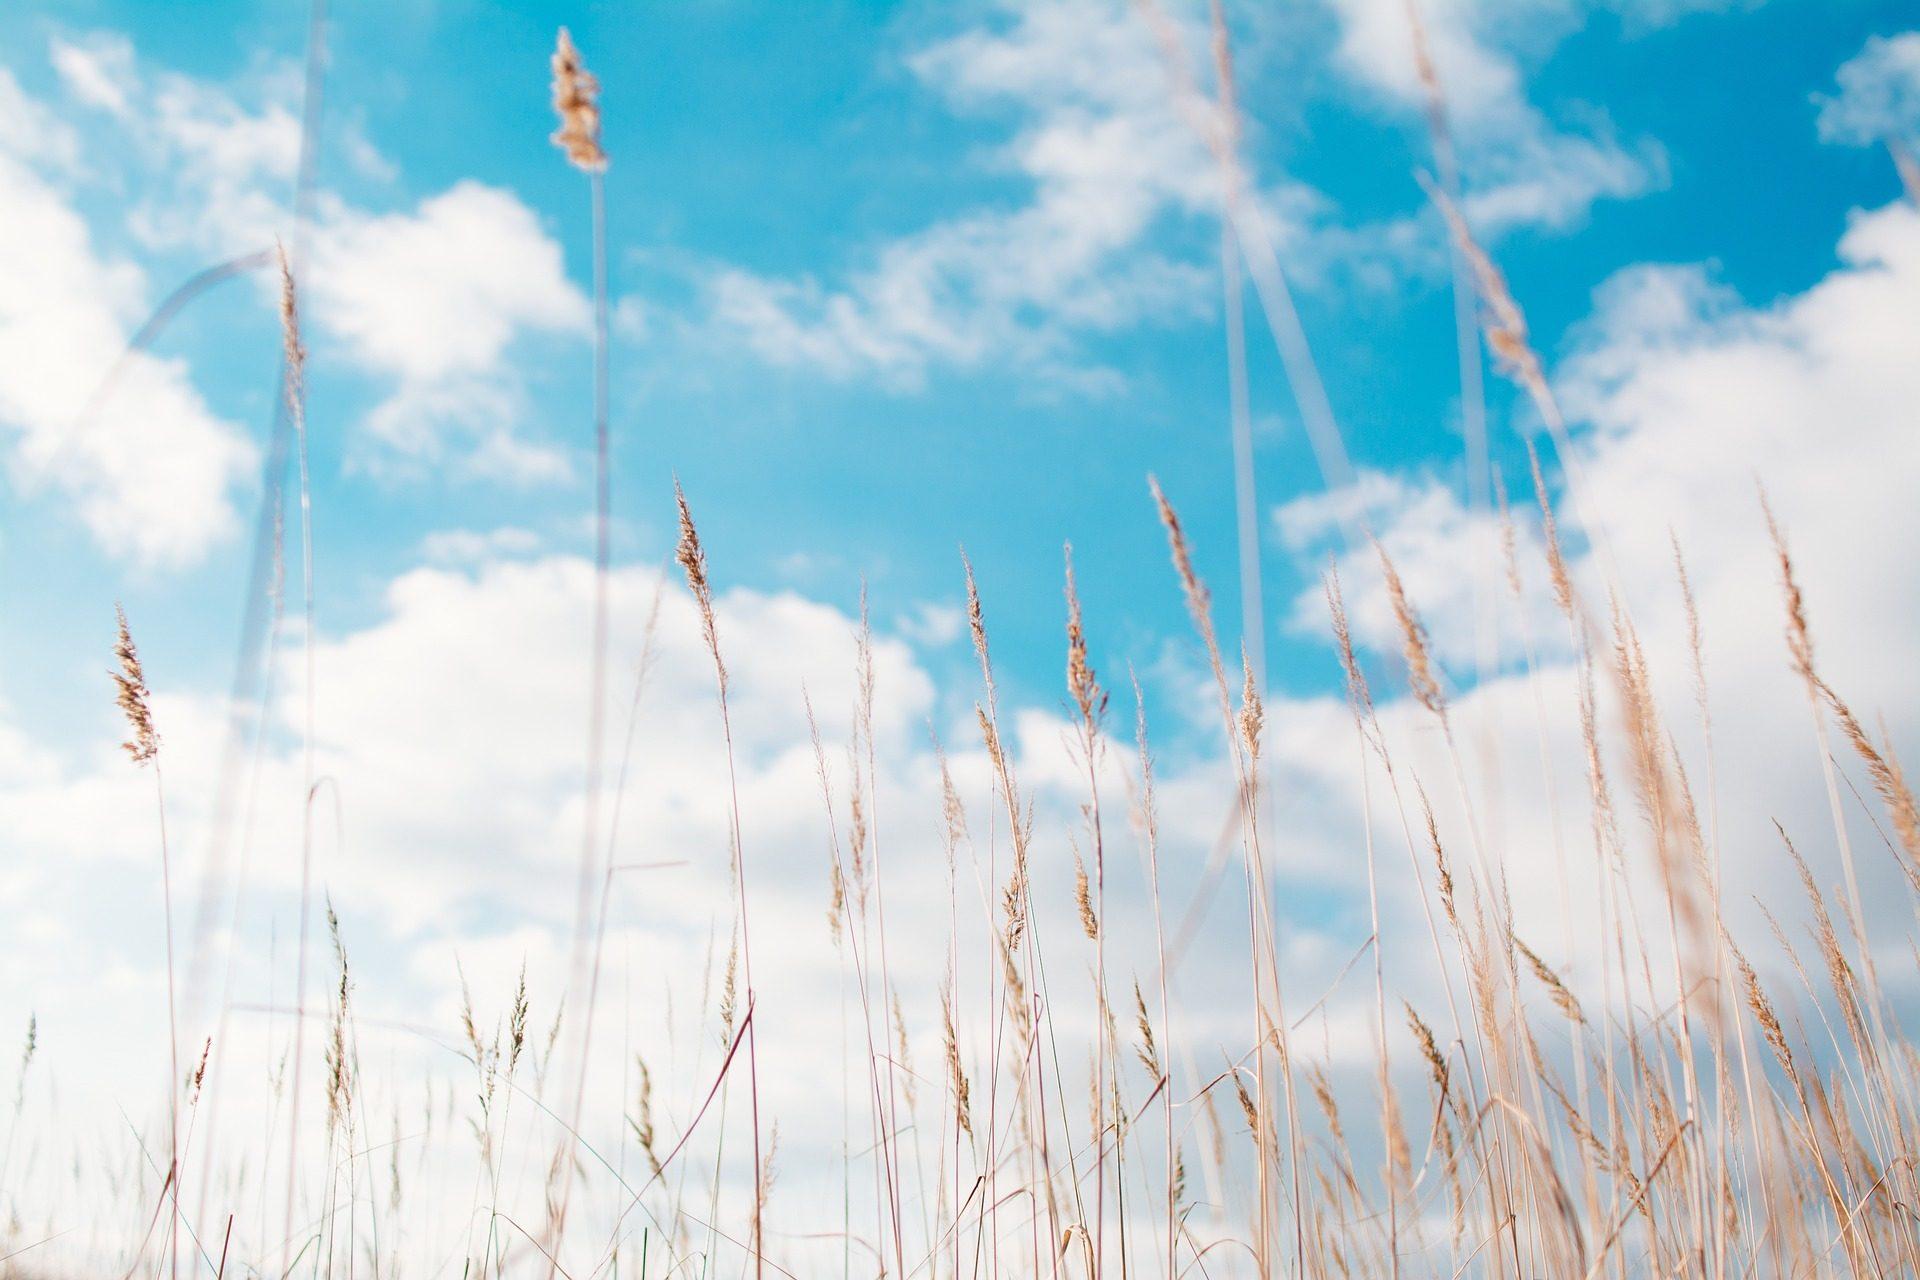 campo, vegetazione, picchi, Cielo, nuvole, rilassarsi - Sfondi HD - Professor-falken.com